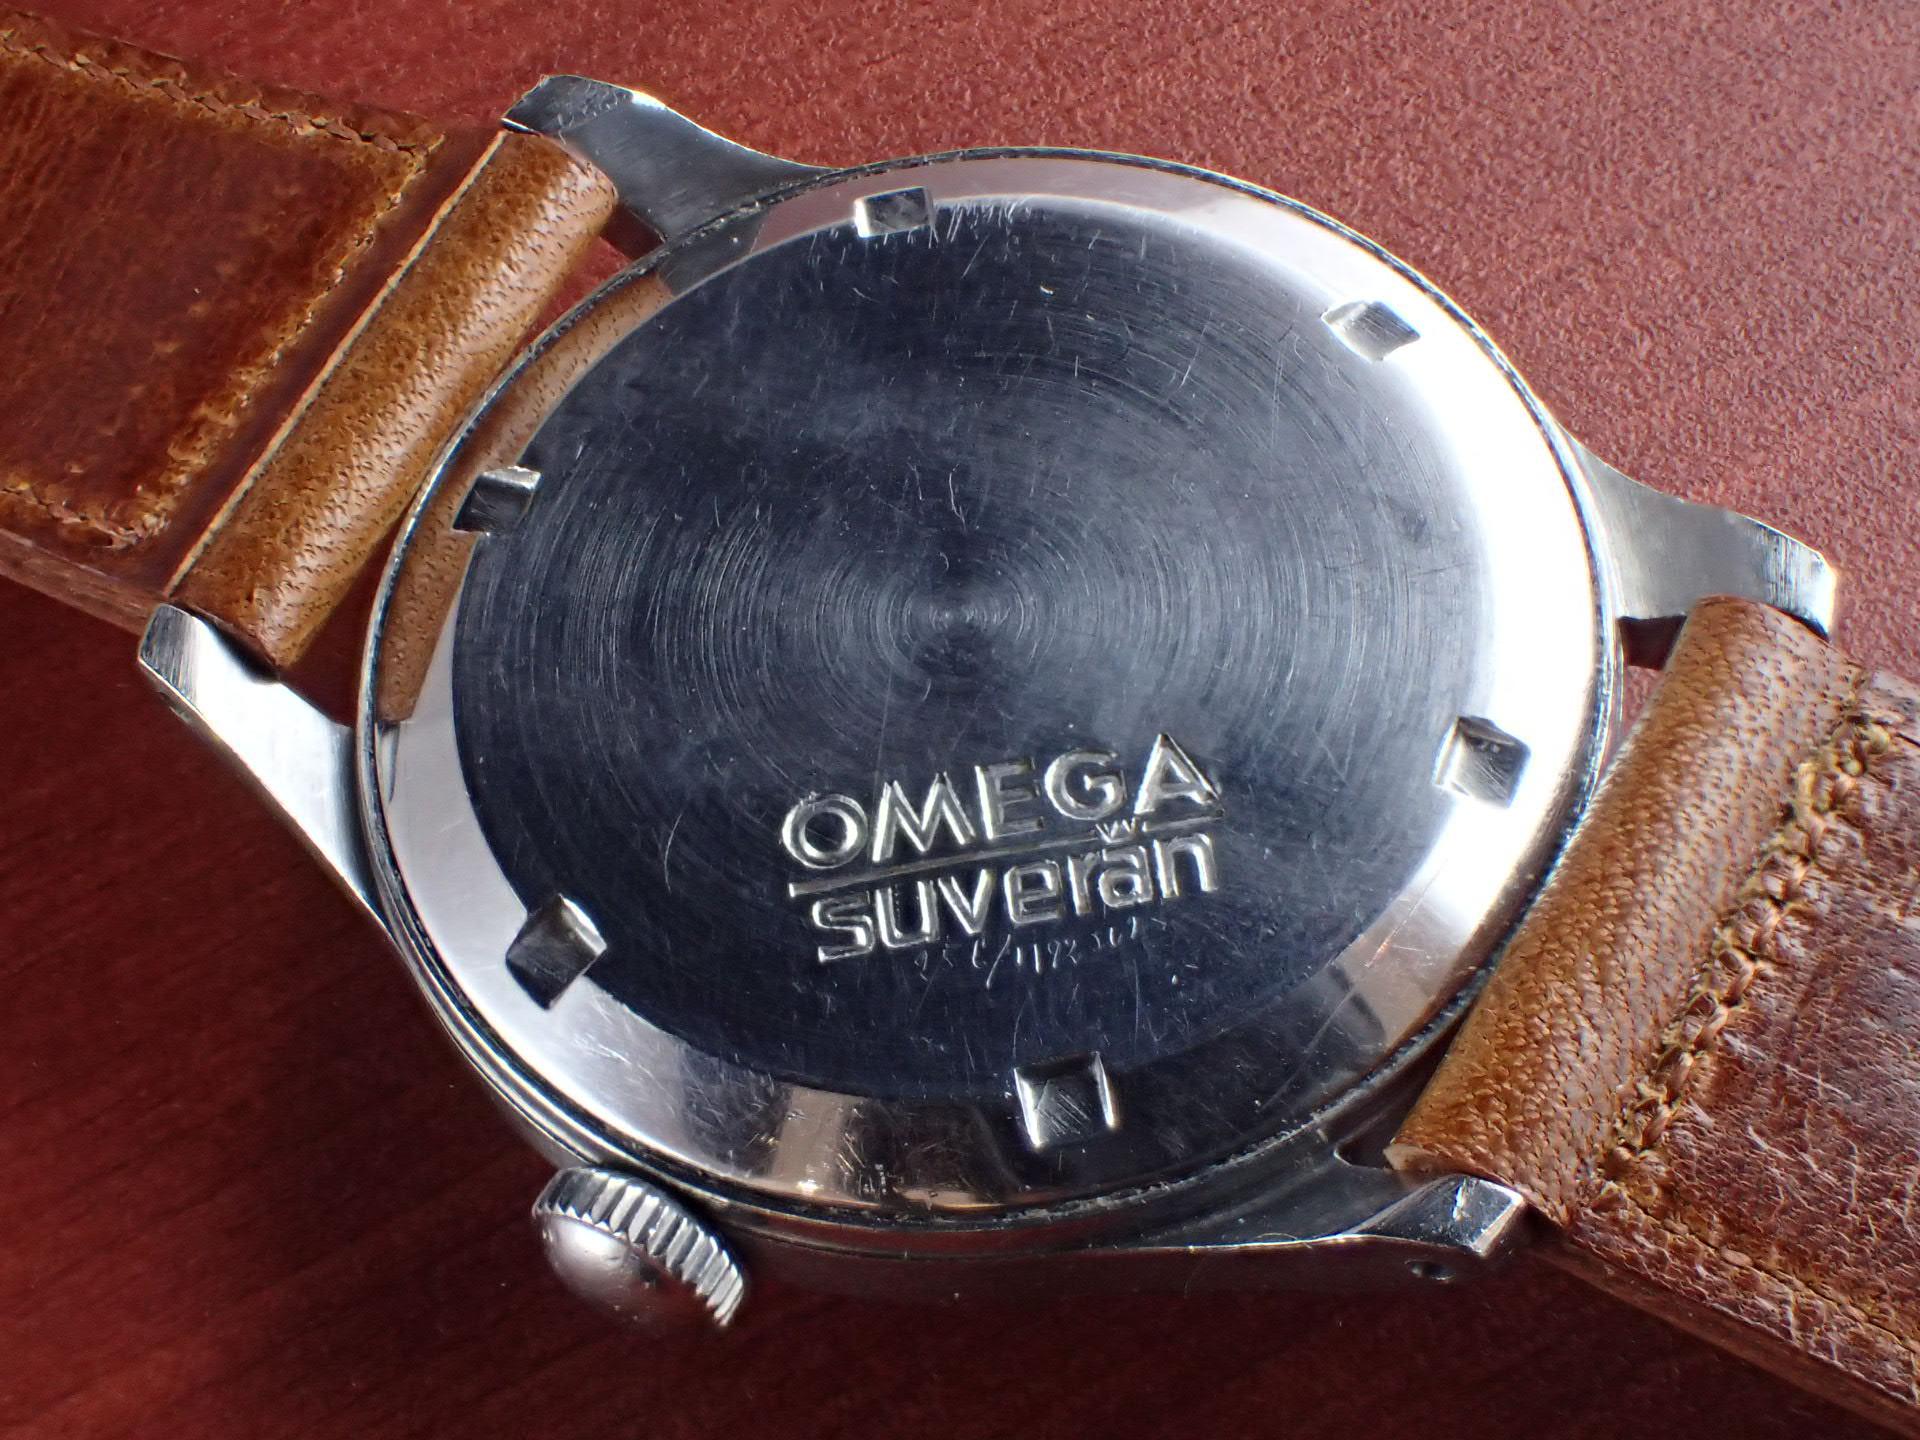 オメガ 30mmキャリバー スベラン ブルズアイ ブラック/ホワイト 1940年代の写真4枚目